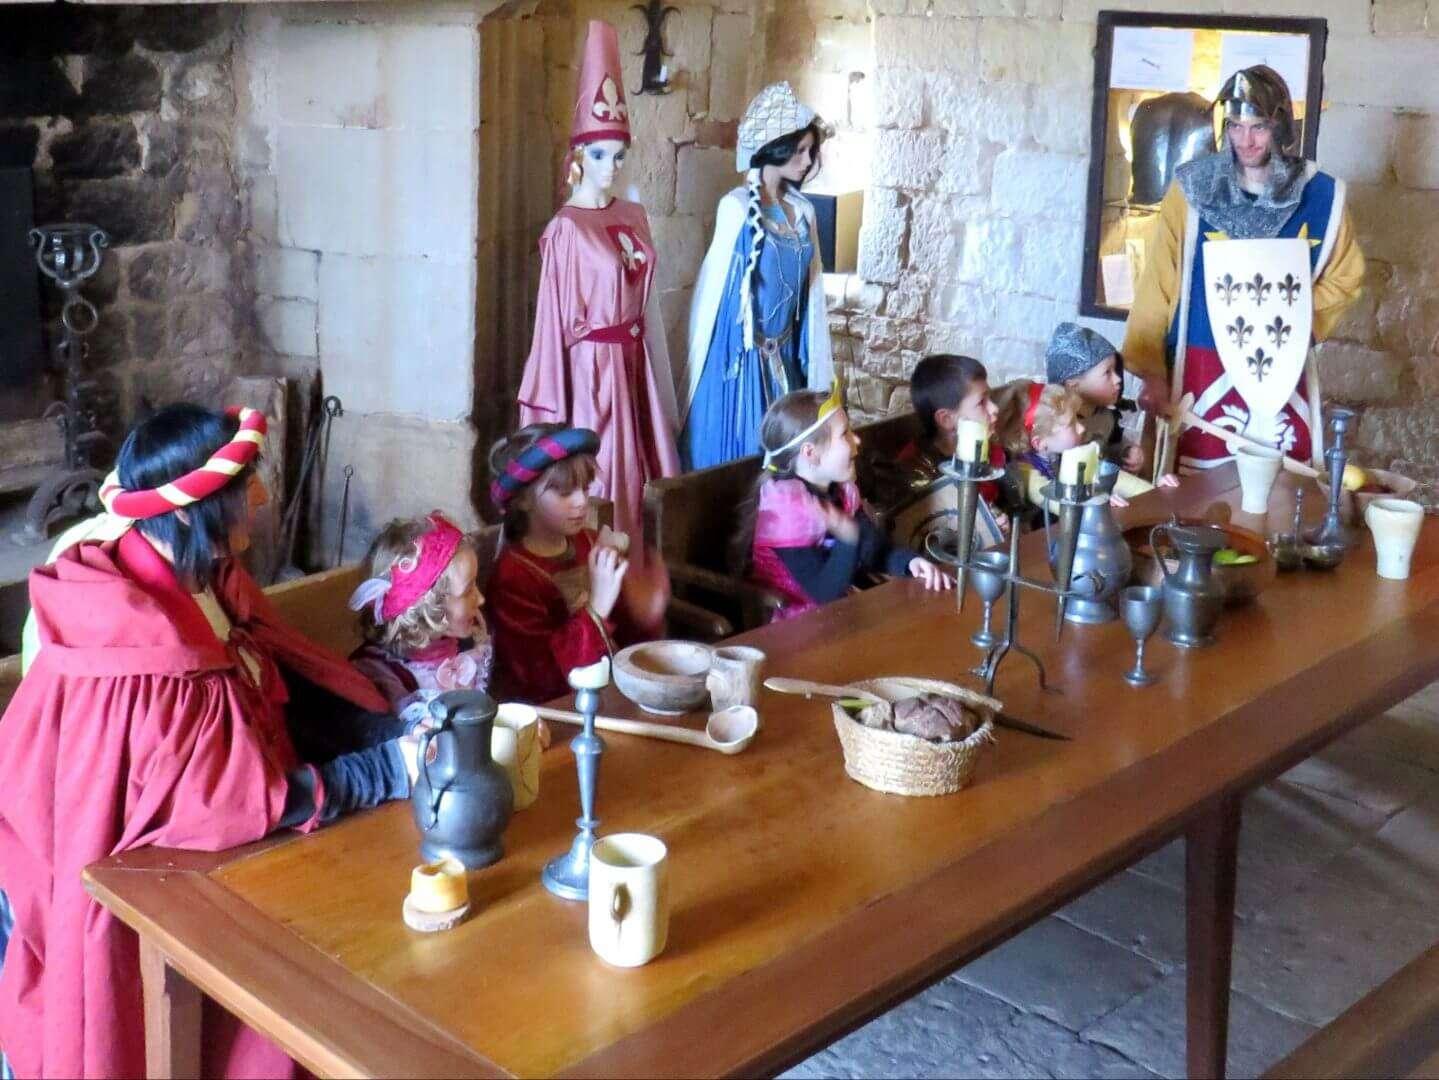 Vos enfants  aiment   se costumer  et  sont  fans des princesses et des chevaliers. Vous  pourrez partager en famille un jeu  adapté aux jeunes enfants  tout en visitant le château.